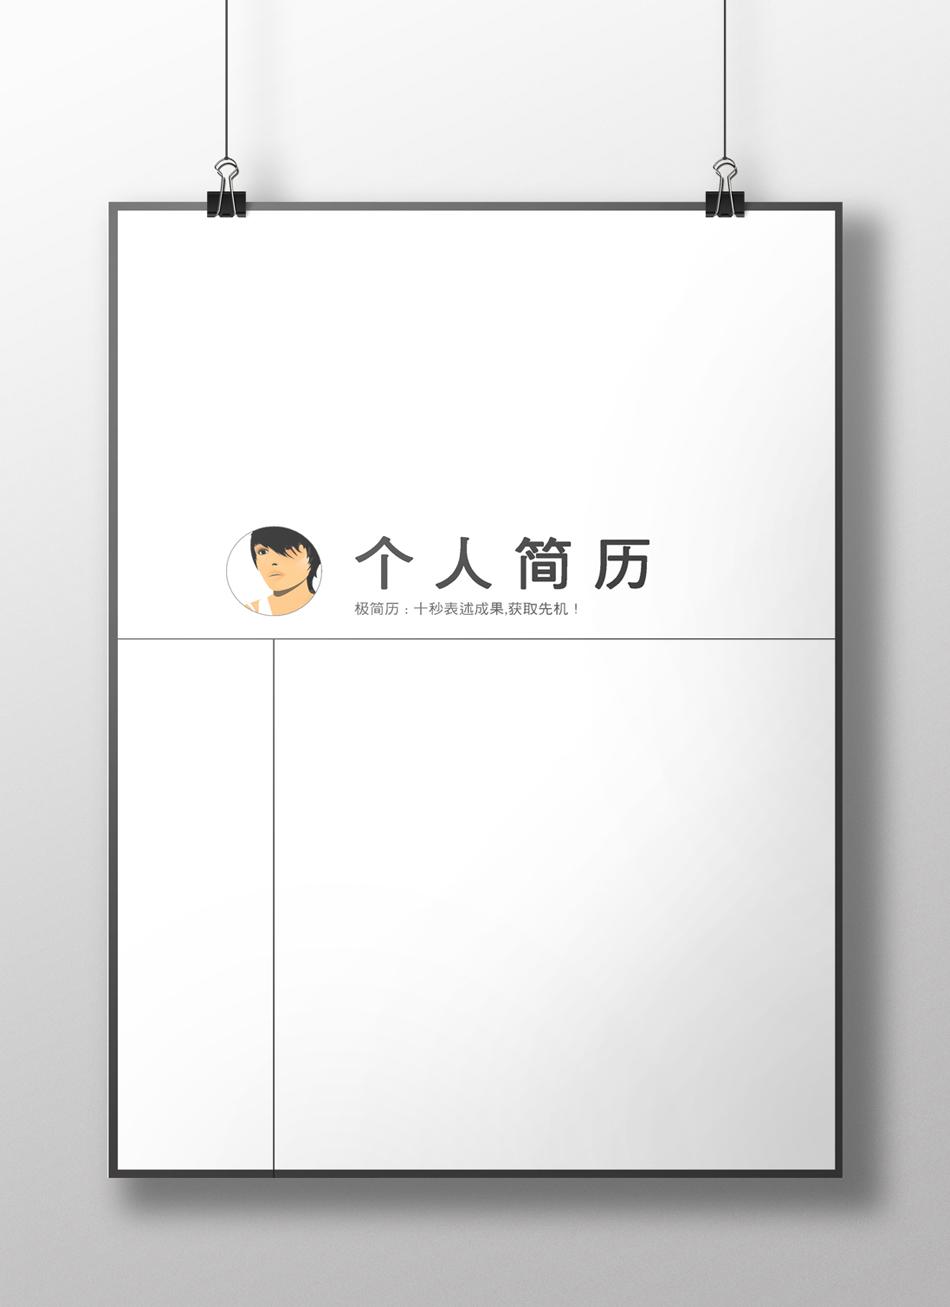 Curriculum vitae carta personal profesional creativo estilo ...